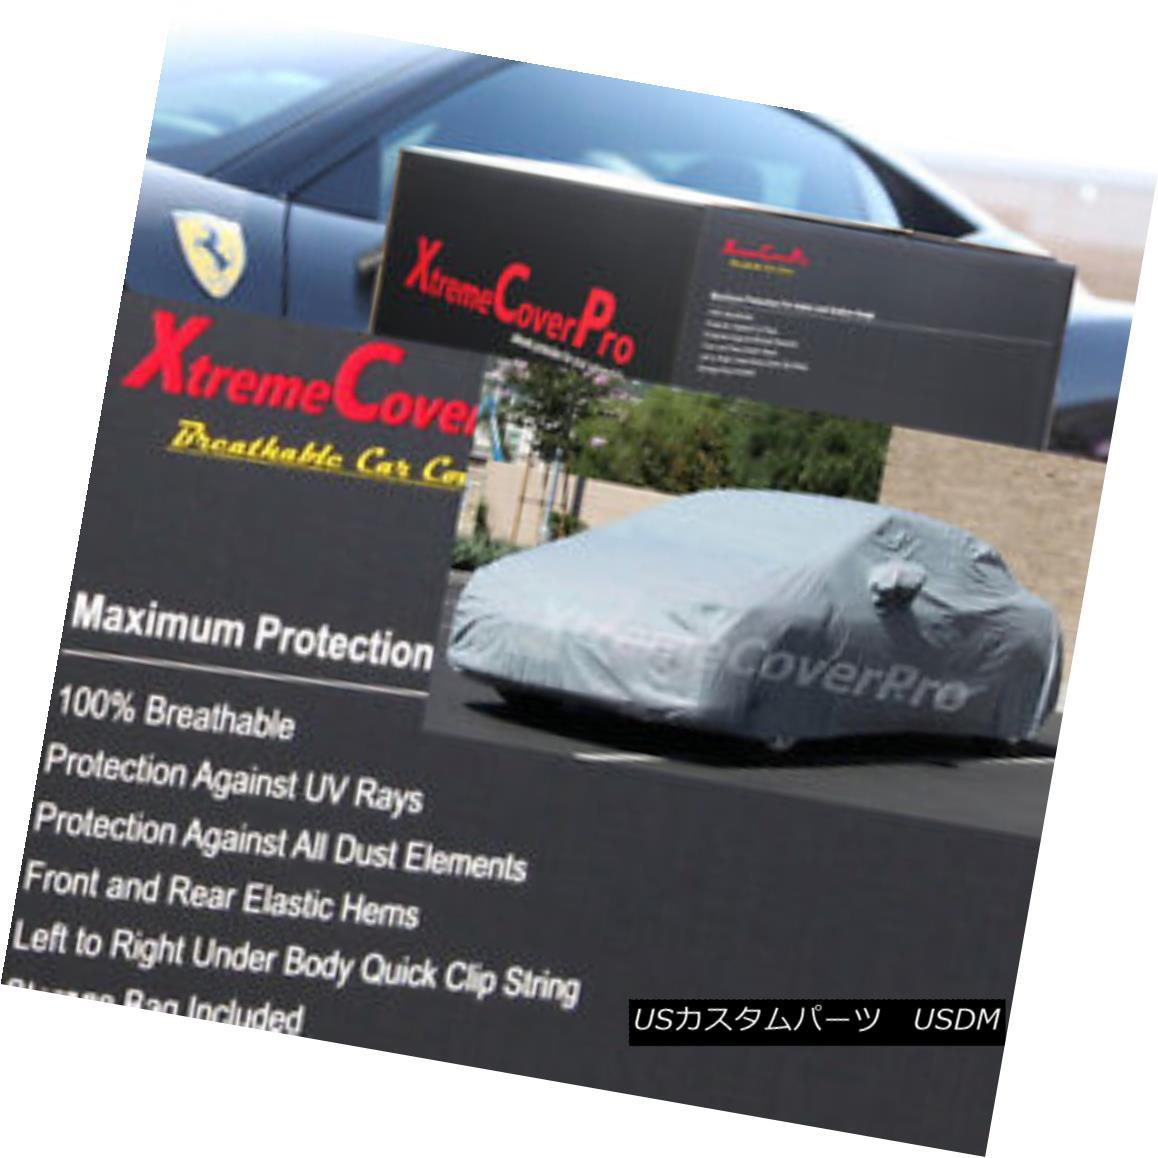 カーカバー 2015 CHEVROLET SONIC SEDAN Breathable Car Cover w/Mirror Pockets - Gray 2015 CHEVROLET SONIC SEDAN通気性の車カバー、ミラーポケット付き - グレー